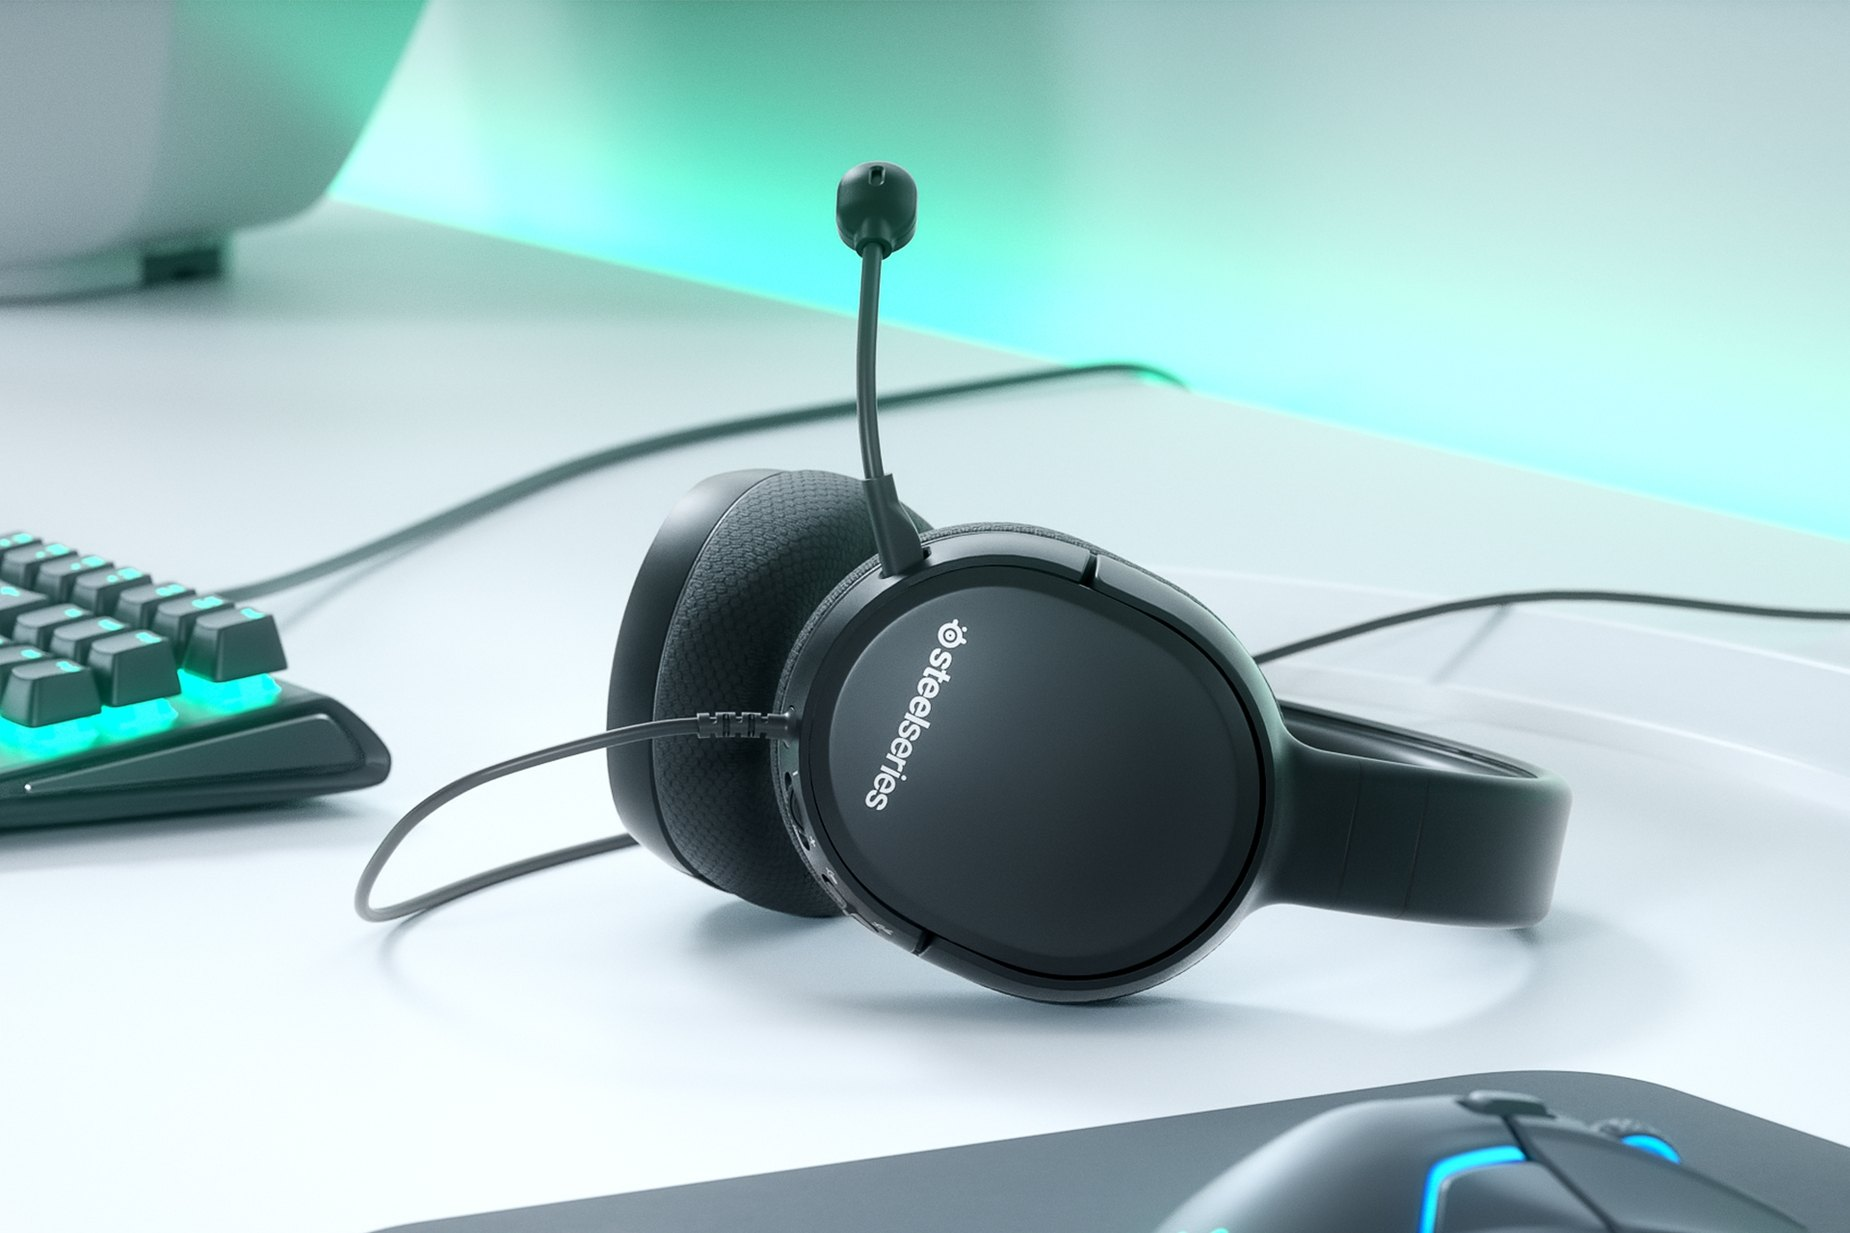 Le casque audio de gaming Arctis1 sur un bureau avec une installation SteelSeries complète comprenant une souris, un tapis de souris et un clavier